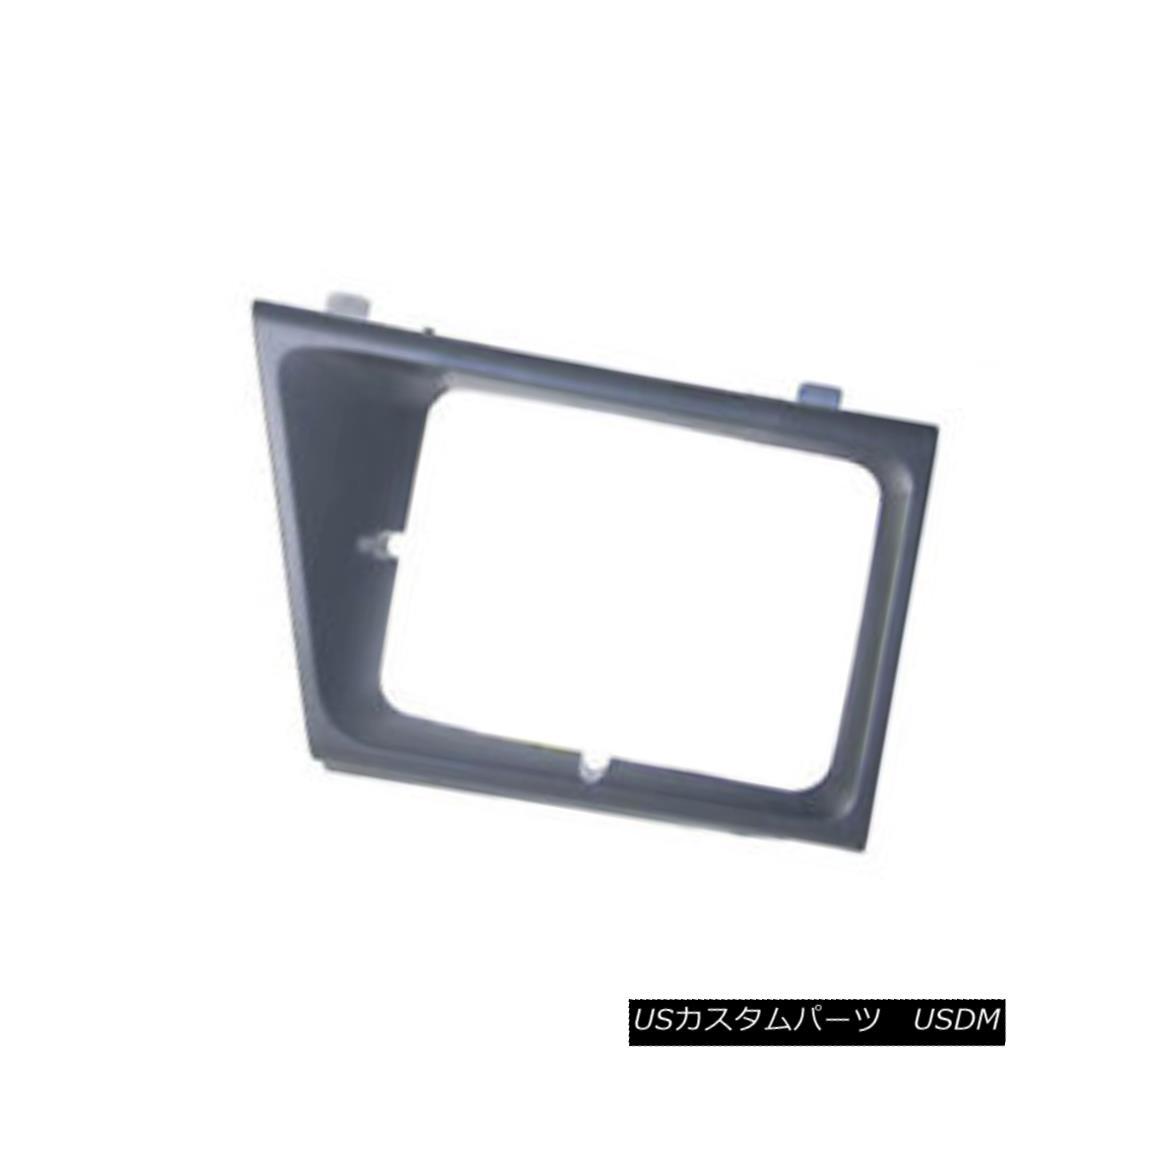 グリル Headlight Door Matte Grey Passenger Side Use w/Sealed Beam Lamps 630-00988R V ヘッドライトドアマットグレー助手席サイドシールドライト付き630-00988R V